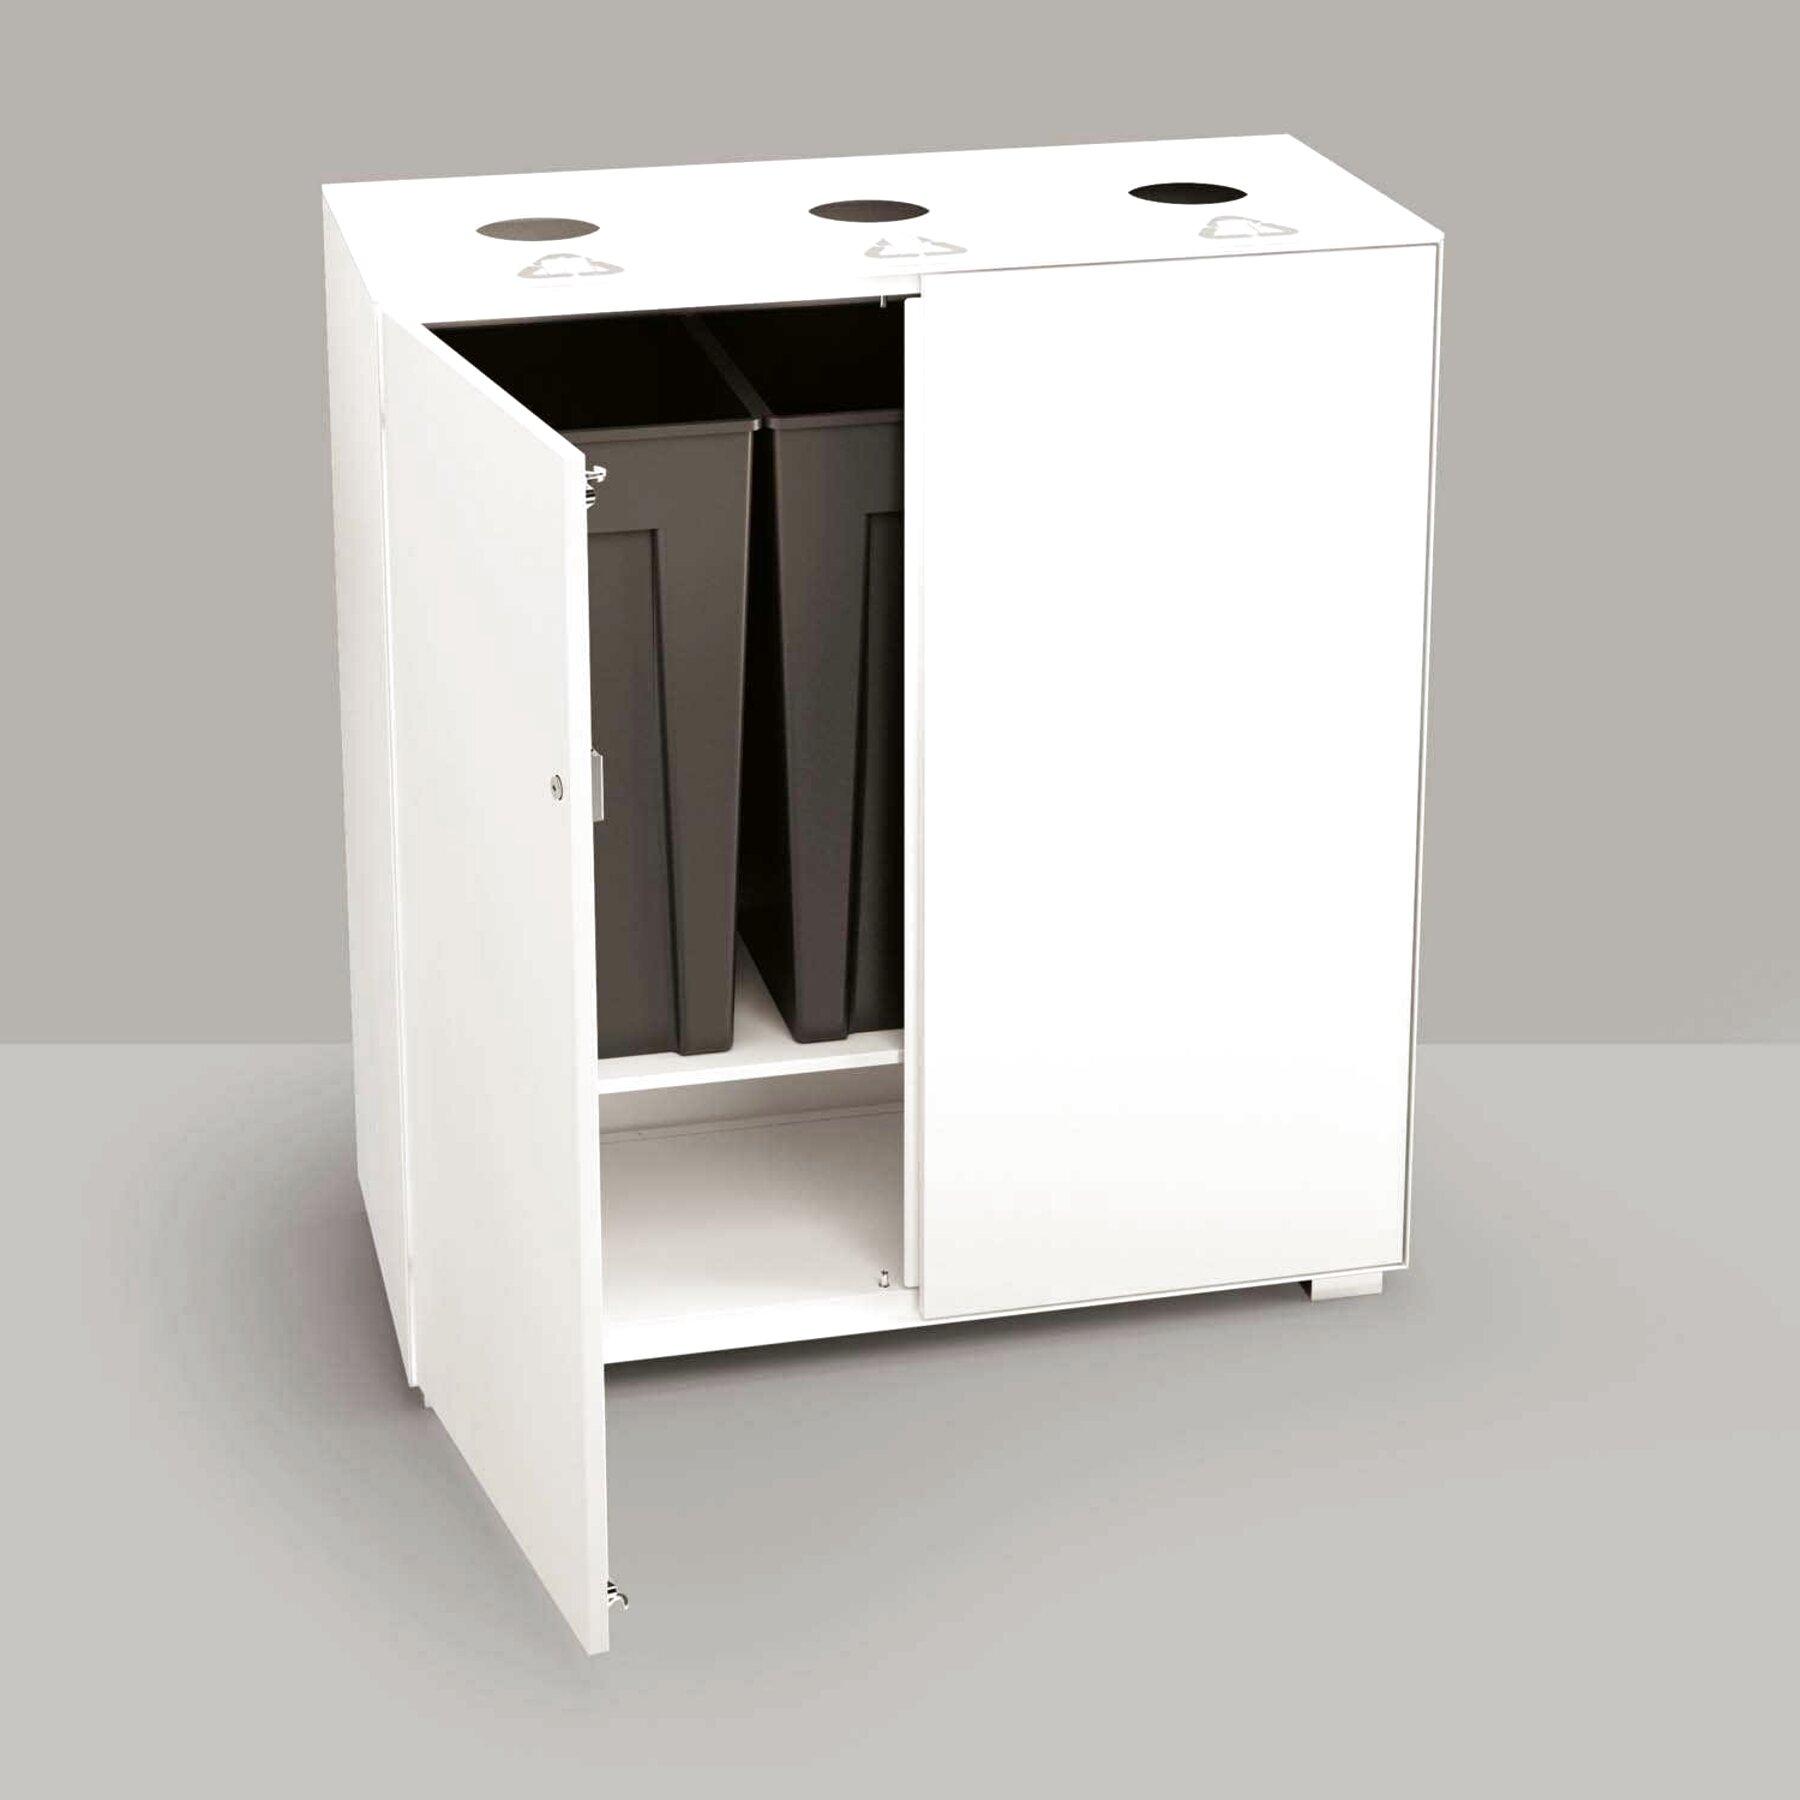 Armadio Raccolta Differenziata Ikea.Mobile Raccolta Differenziata Usato In Italia Vedi Tutte I 40 Prezzi